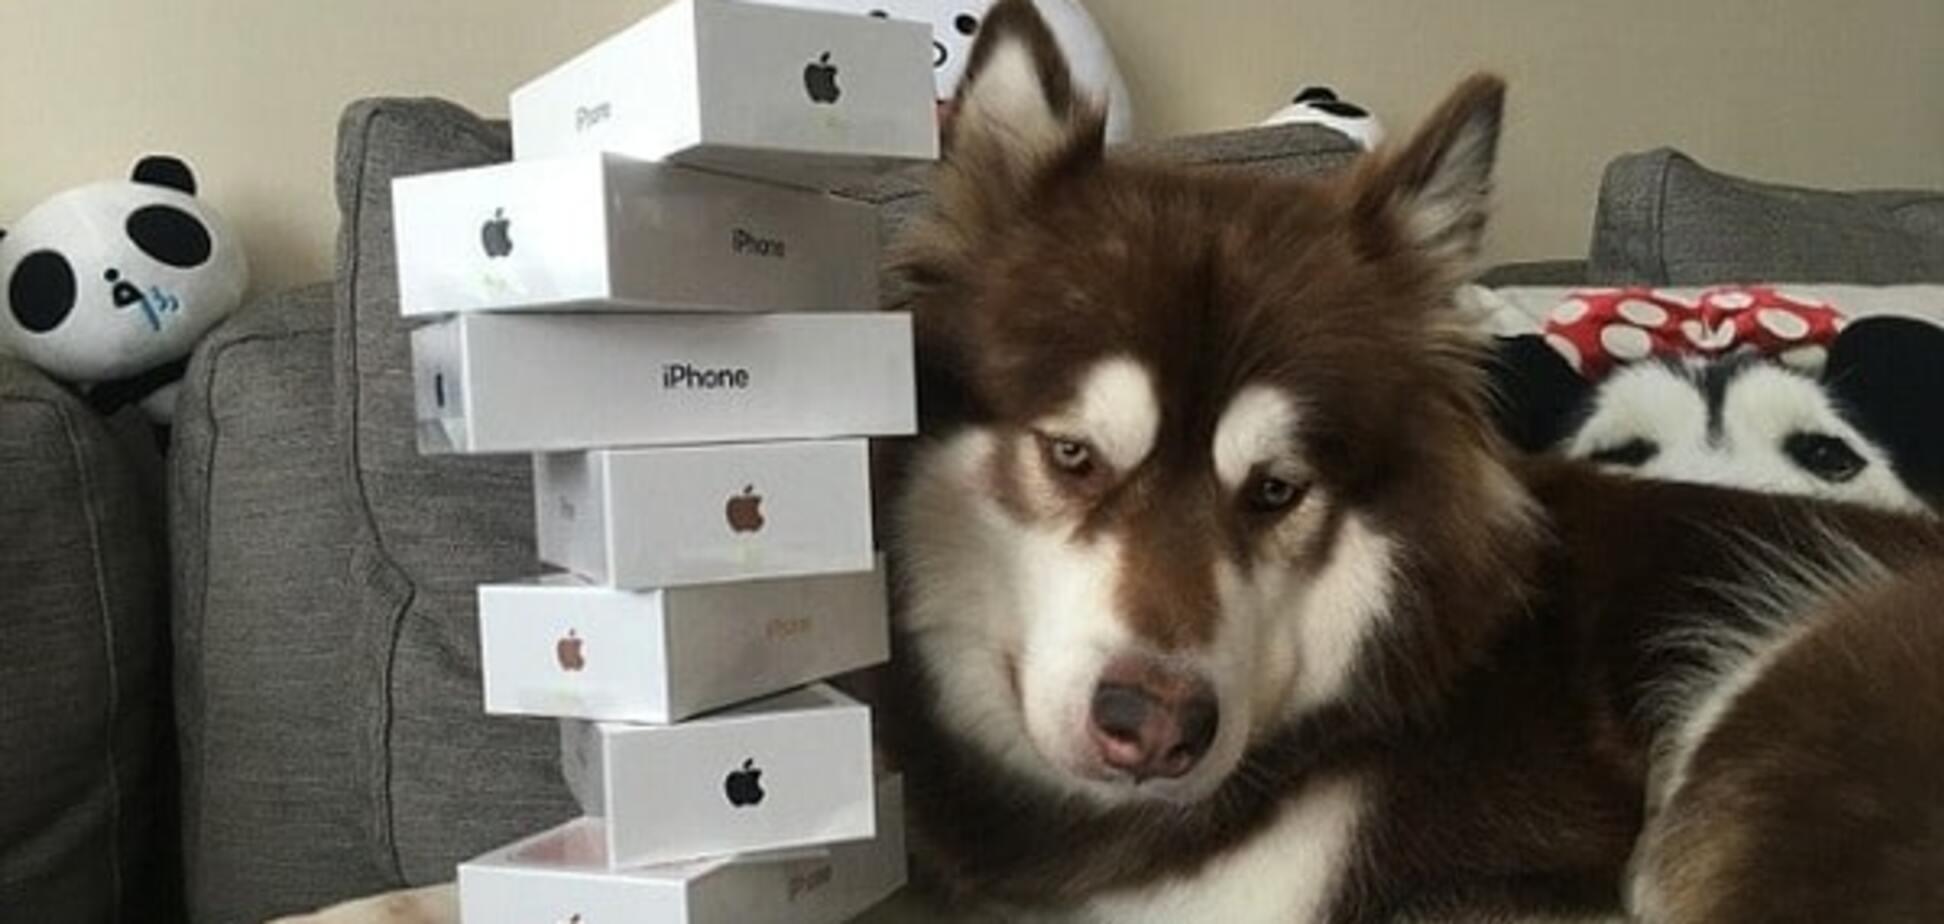 Причуды богачей: сын китайского миллиардера купил своей собаке восемь iPhone 7